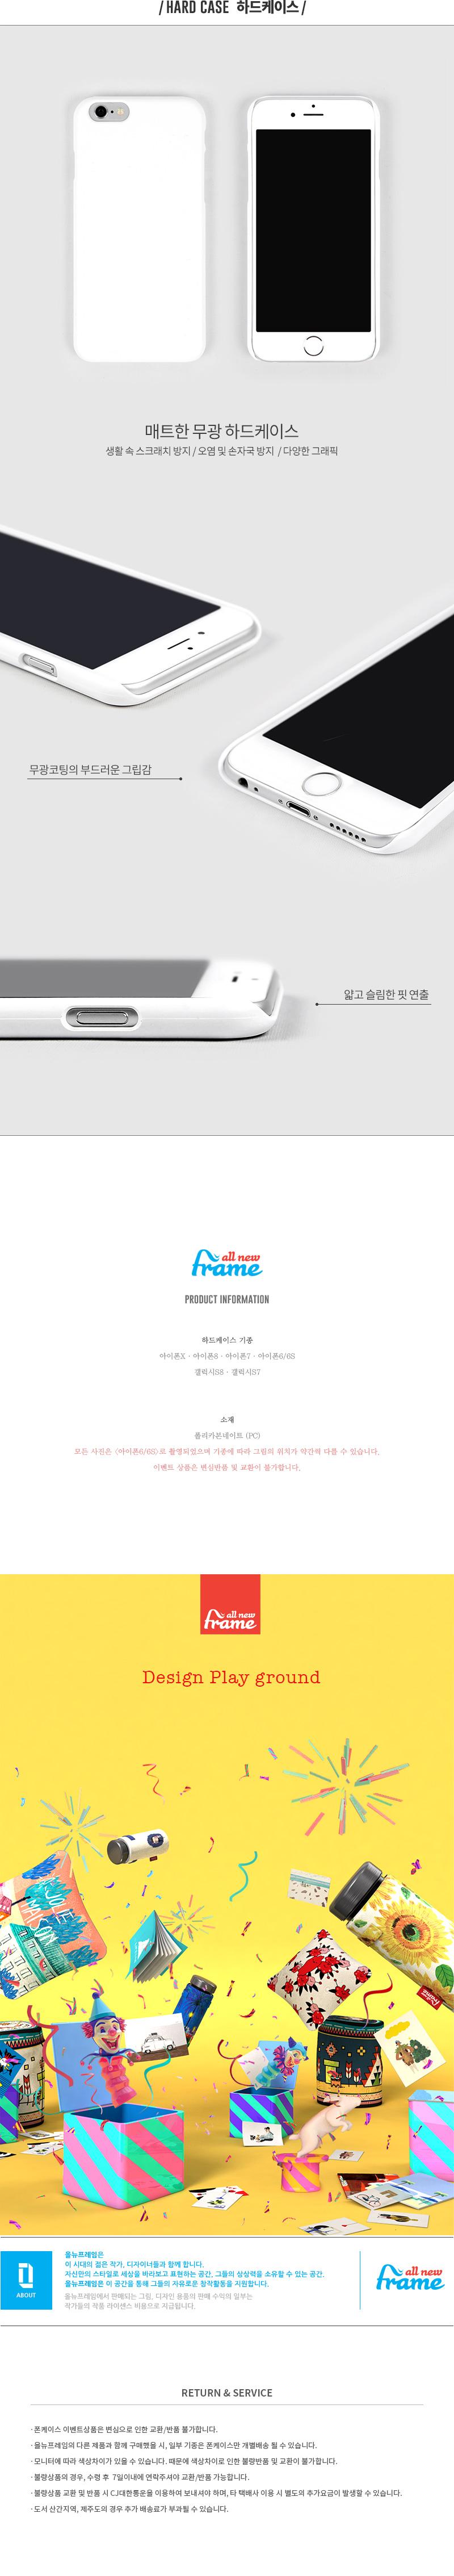 상상주아 작가 폰케이스 컬렉션 - 올뉴프레임, 22,000원, 케이스, 아이폰7/8